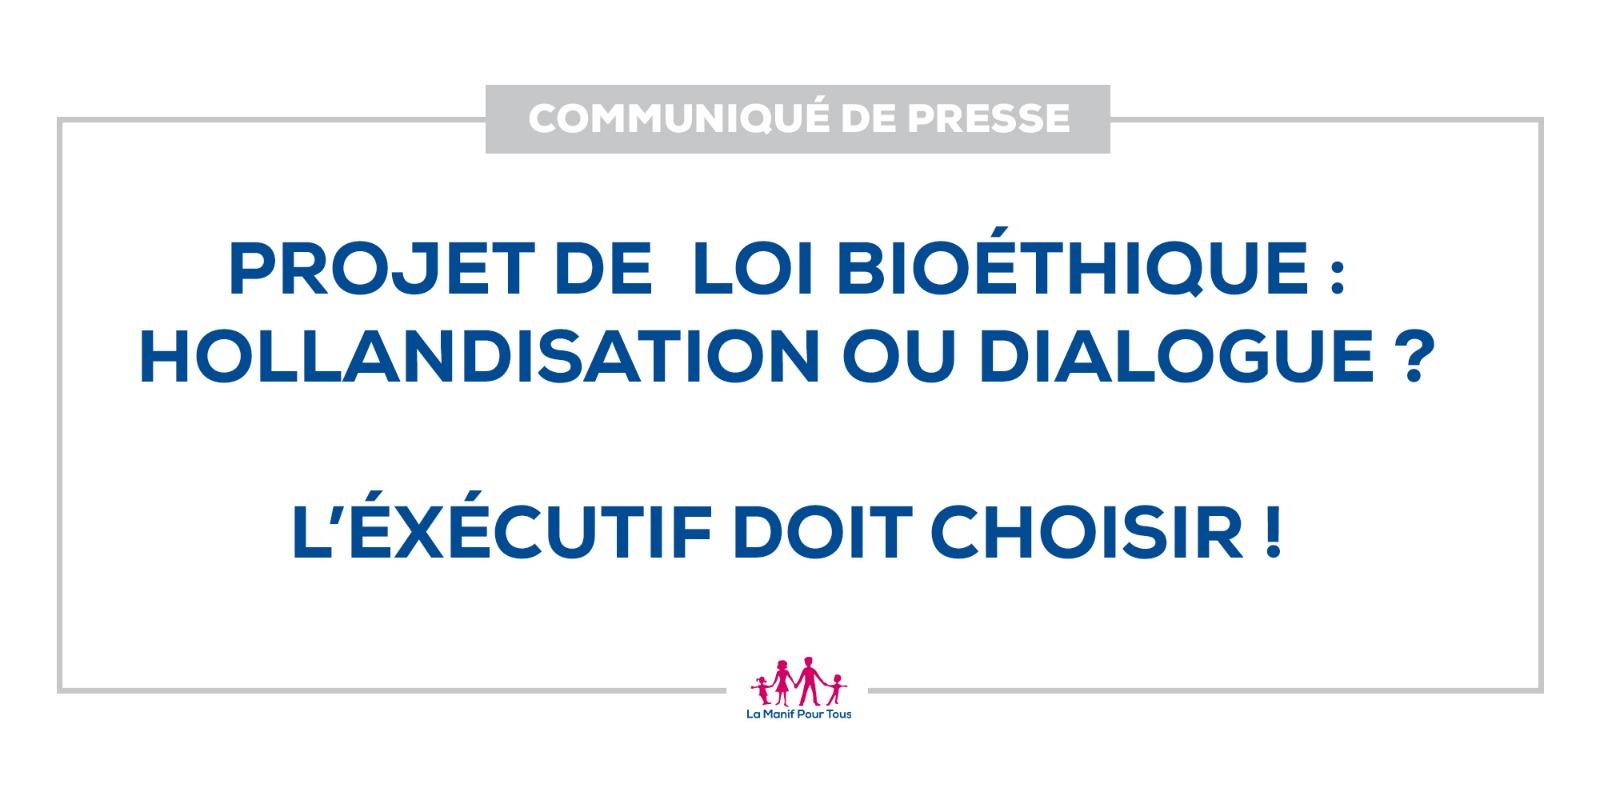 Image - CP – Projet de loi bioéthique : Hollandisation ou dialogue ? L'exécutif doit choisir !